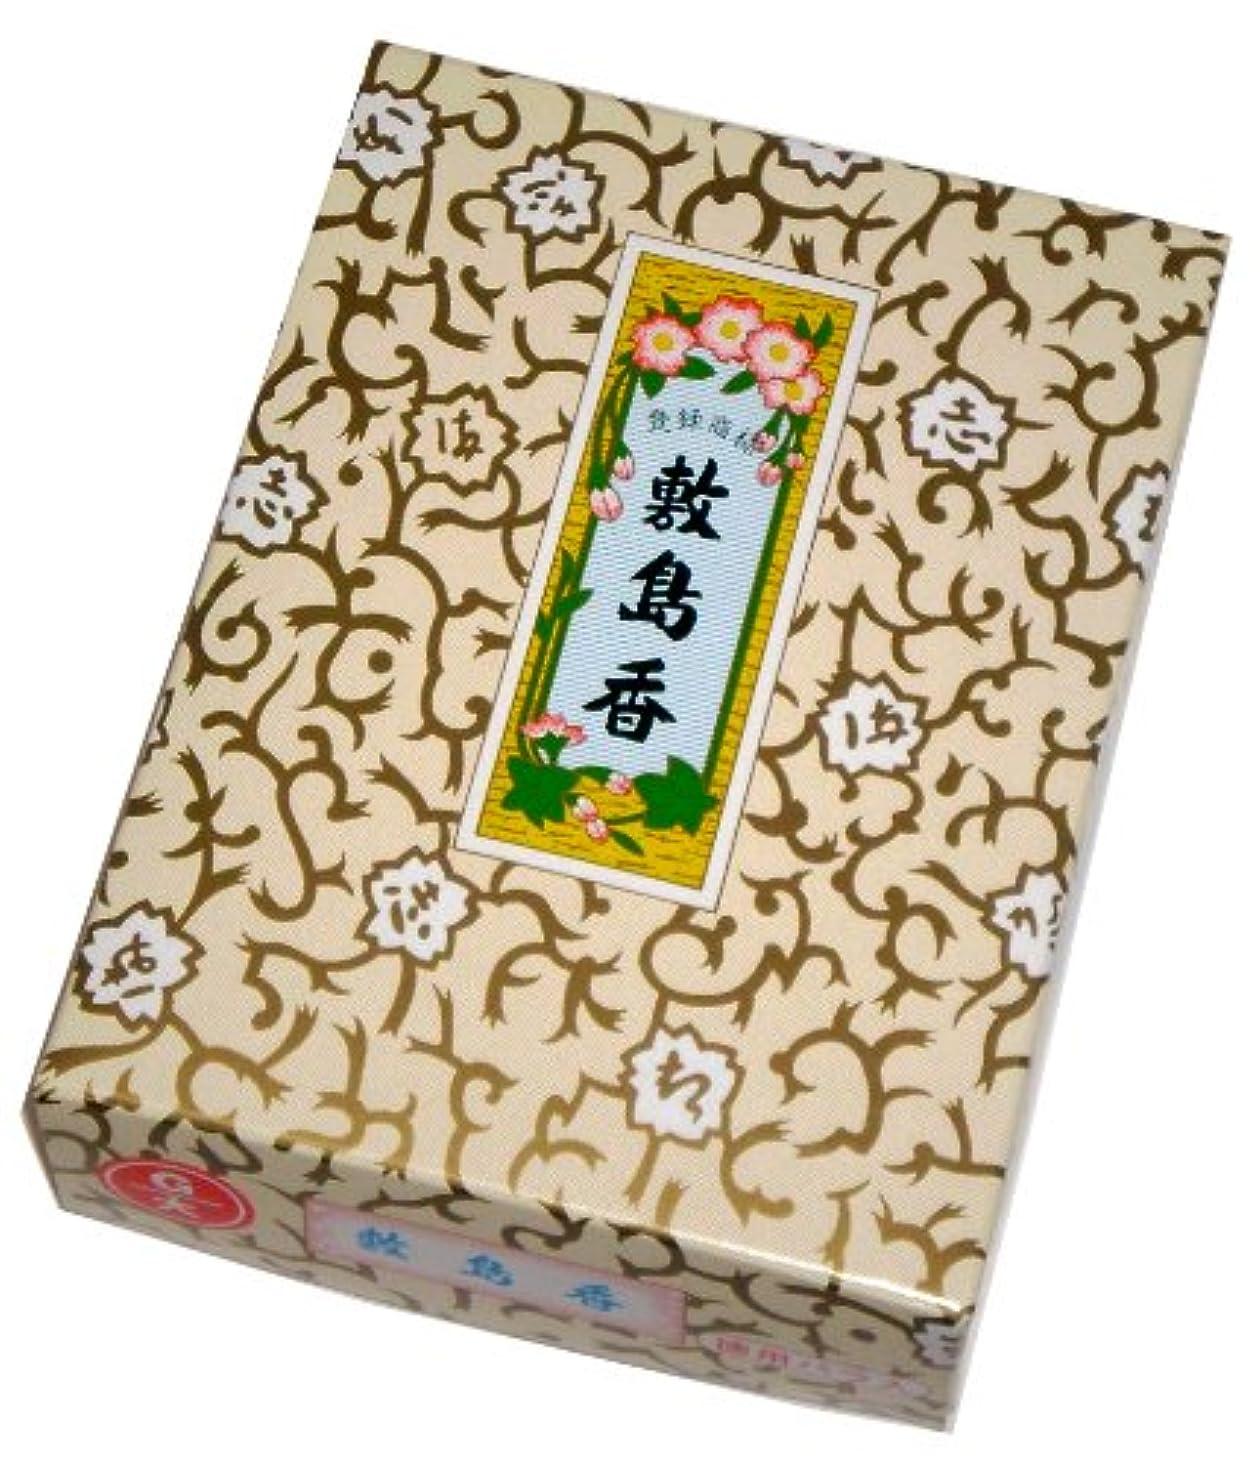 フラップ提供された花嫁敷島線香のお線香 敷島香 短寸バラ G大 #106